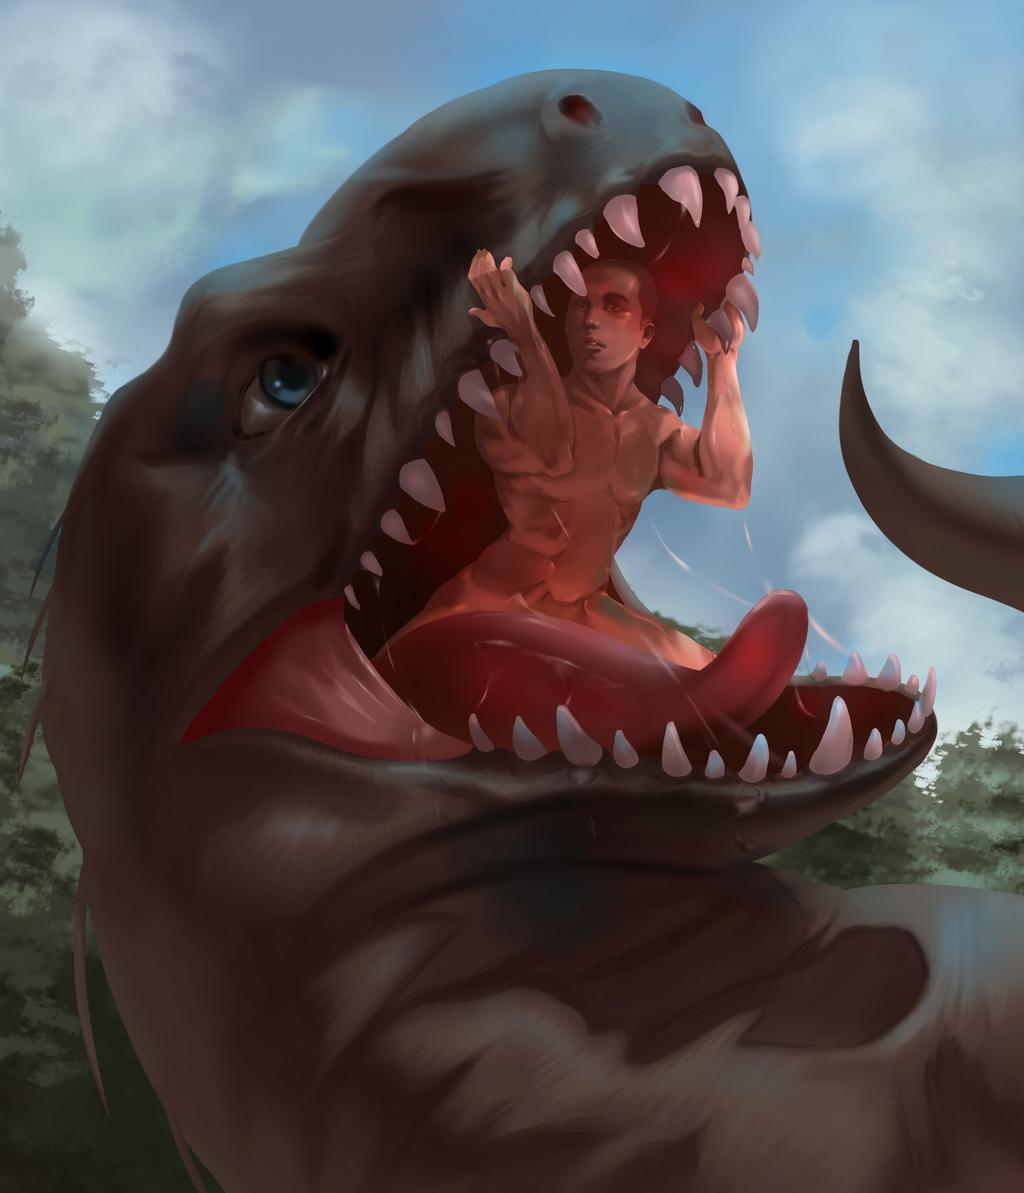 Most recent image: Indominus rex vore